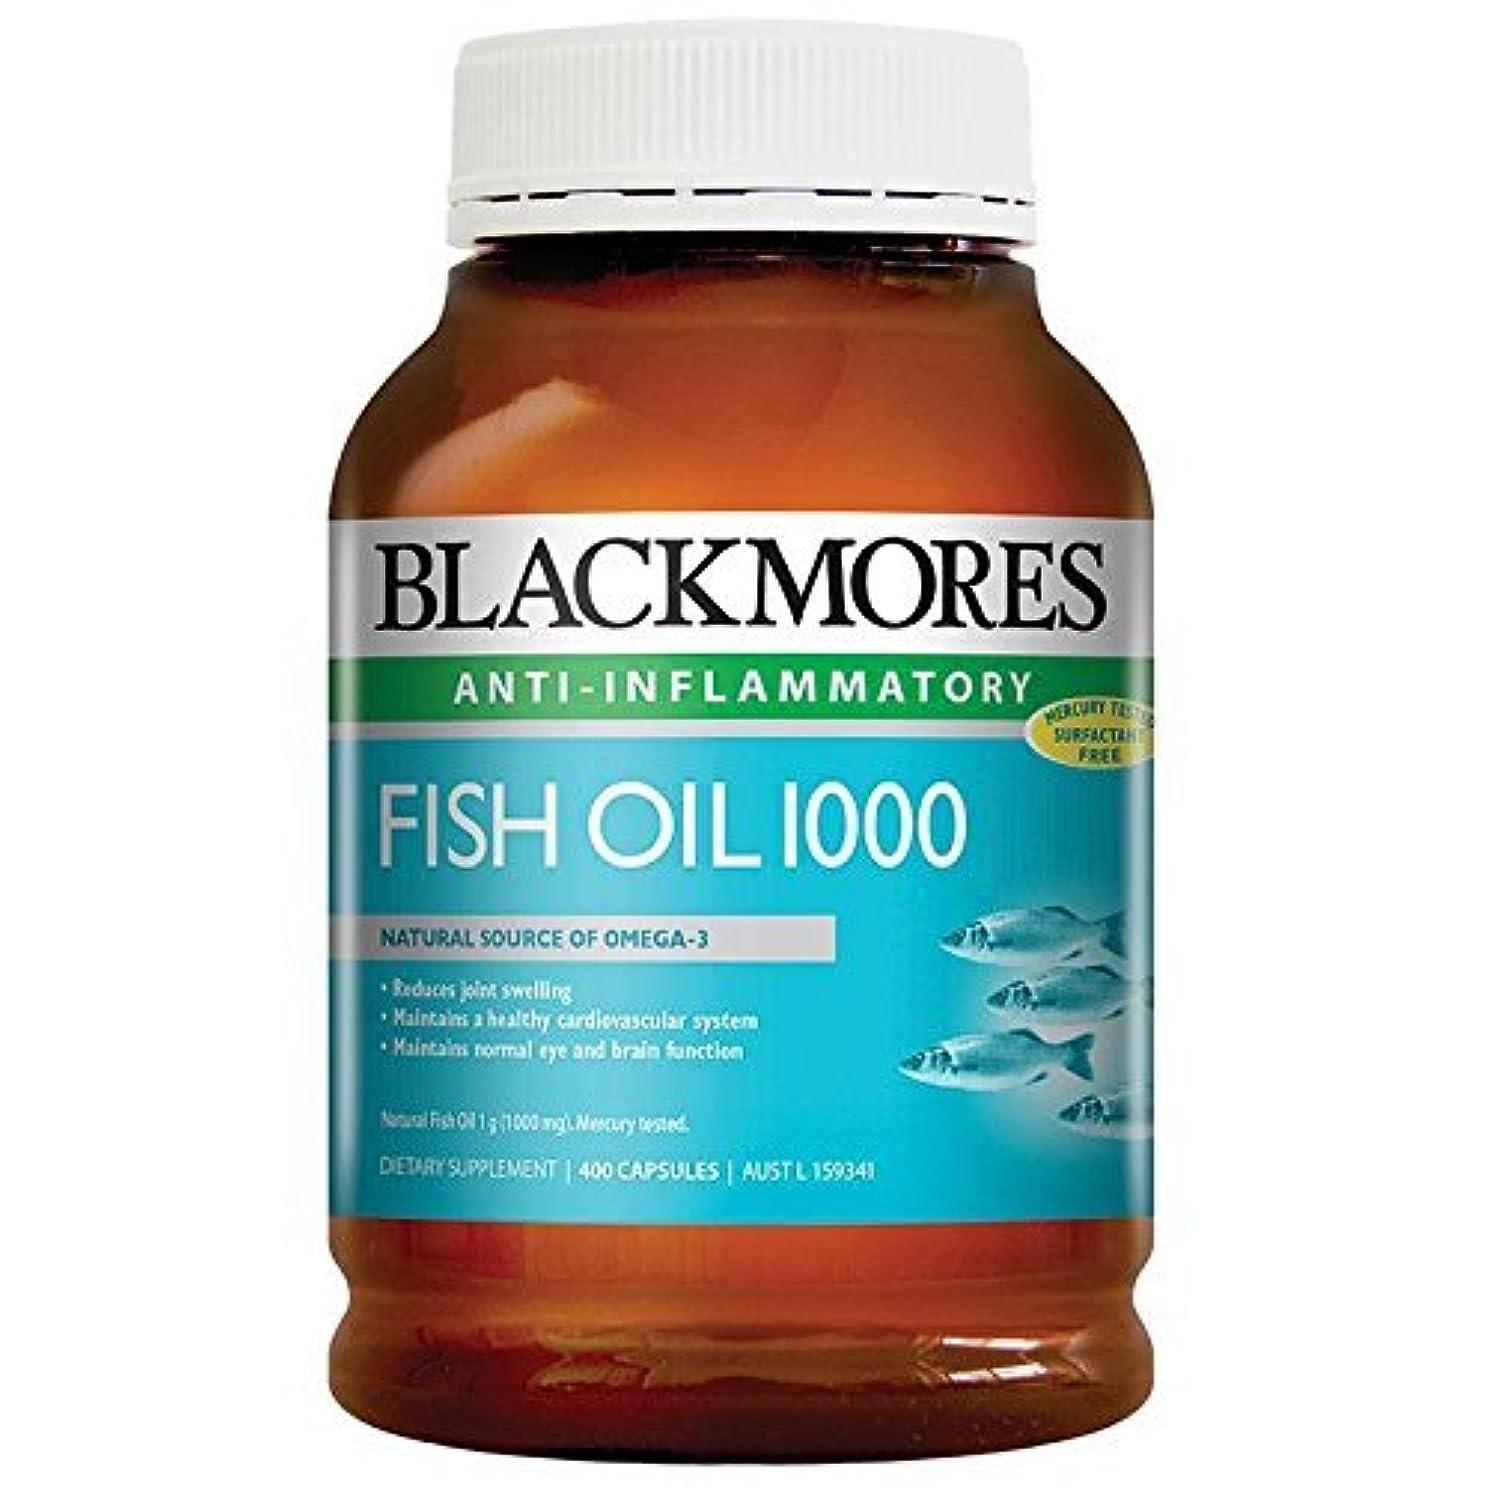 一緒疲労驚かすBlackmores Fish Oil 400 Caps 1000 Omega3 Dha, EPA Fatty Acids with 1pcs Chinese Knot Gift by Blackmores LTD